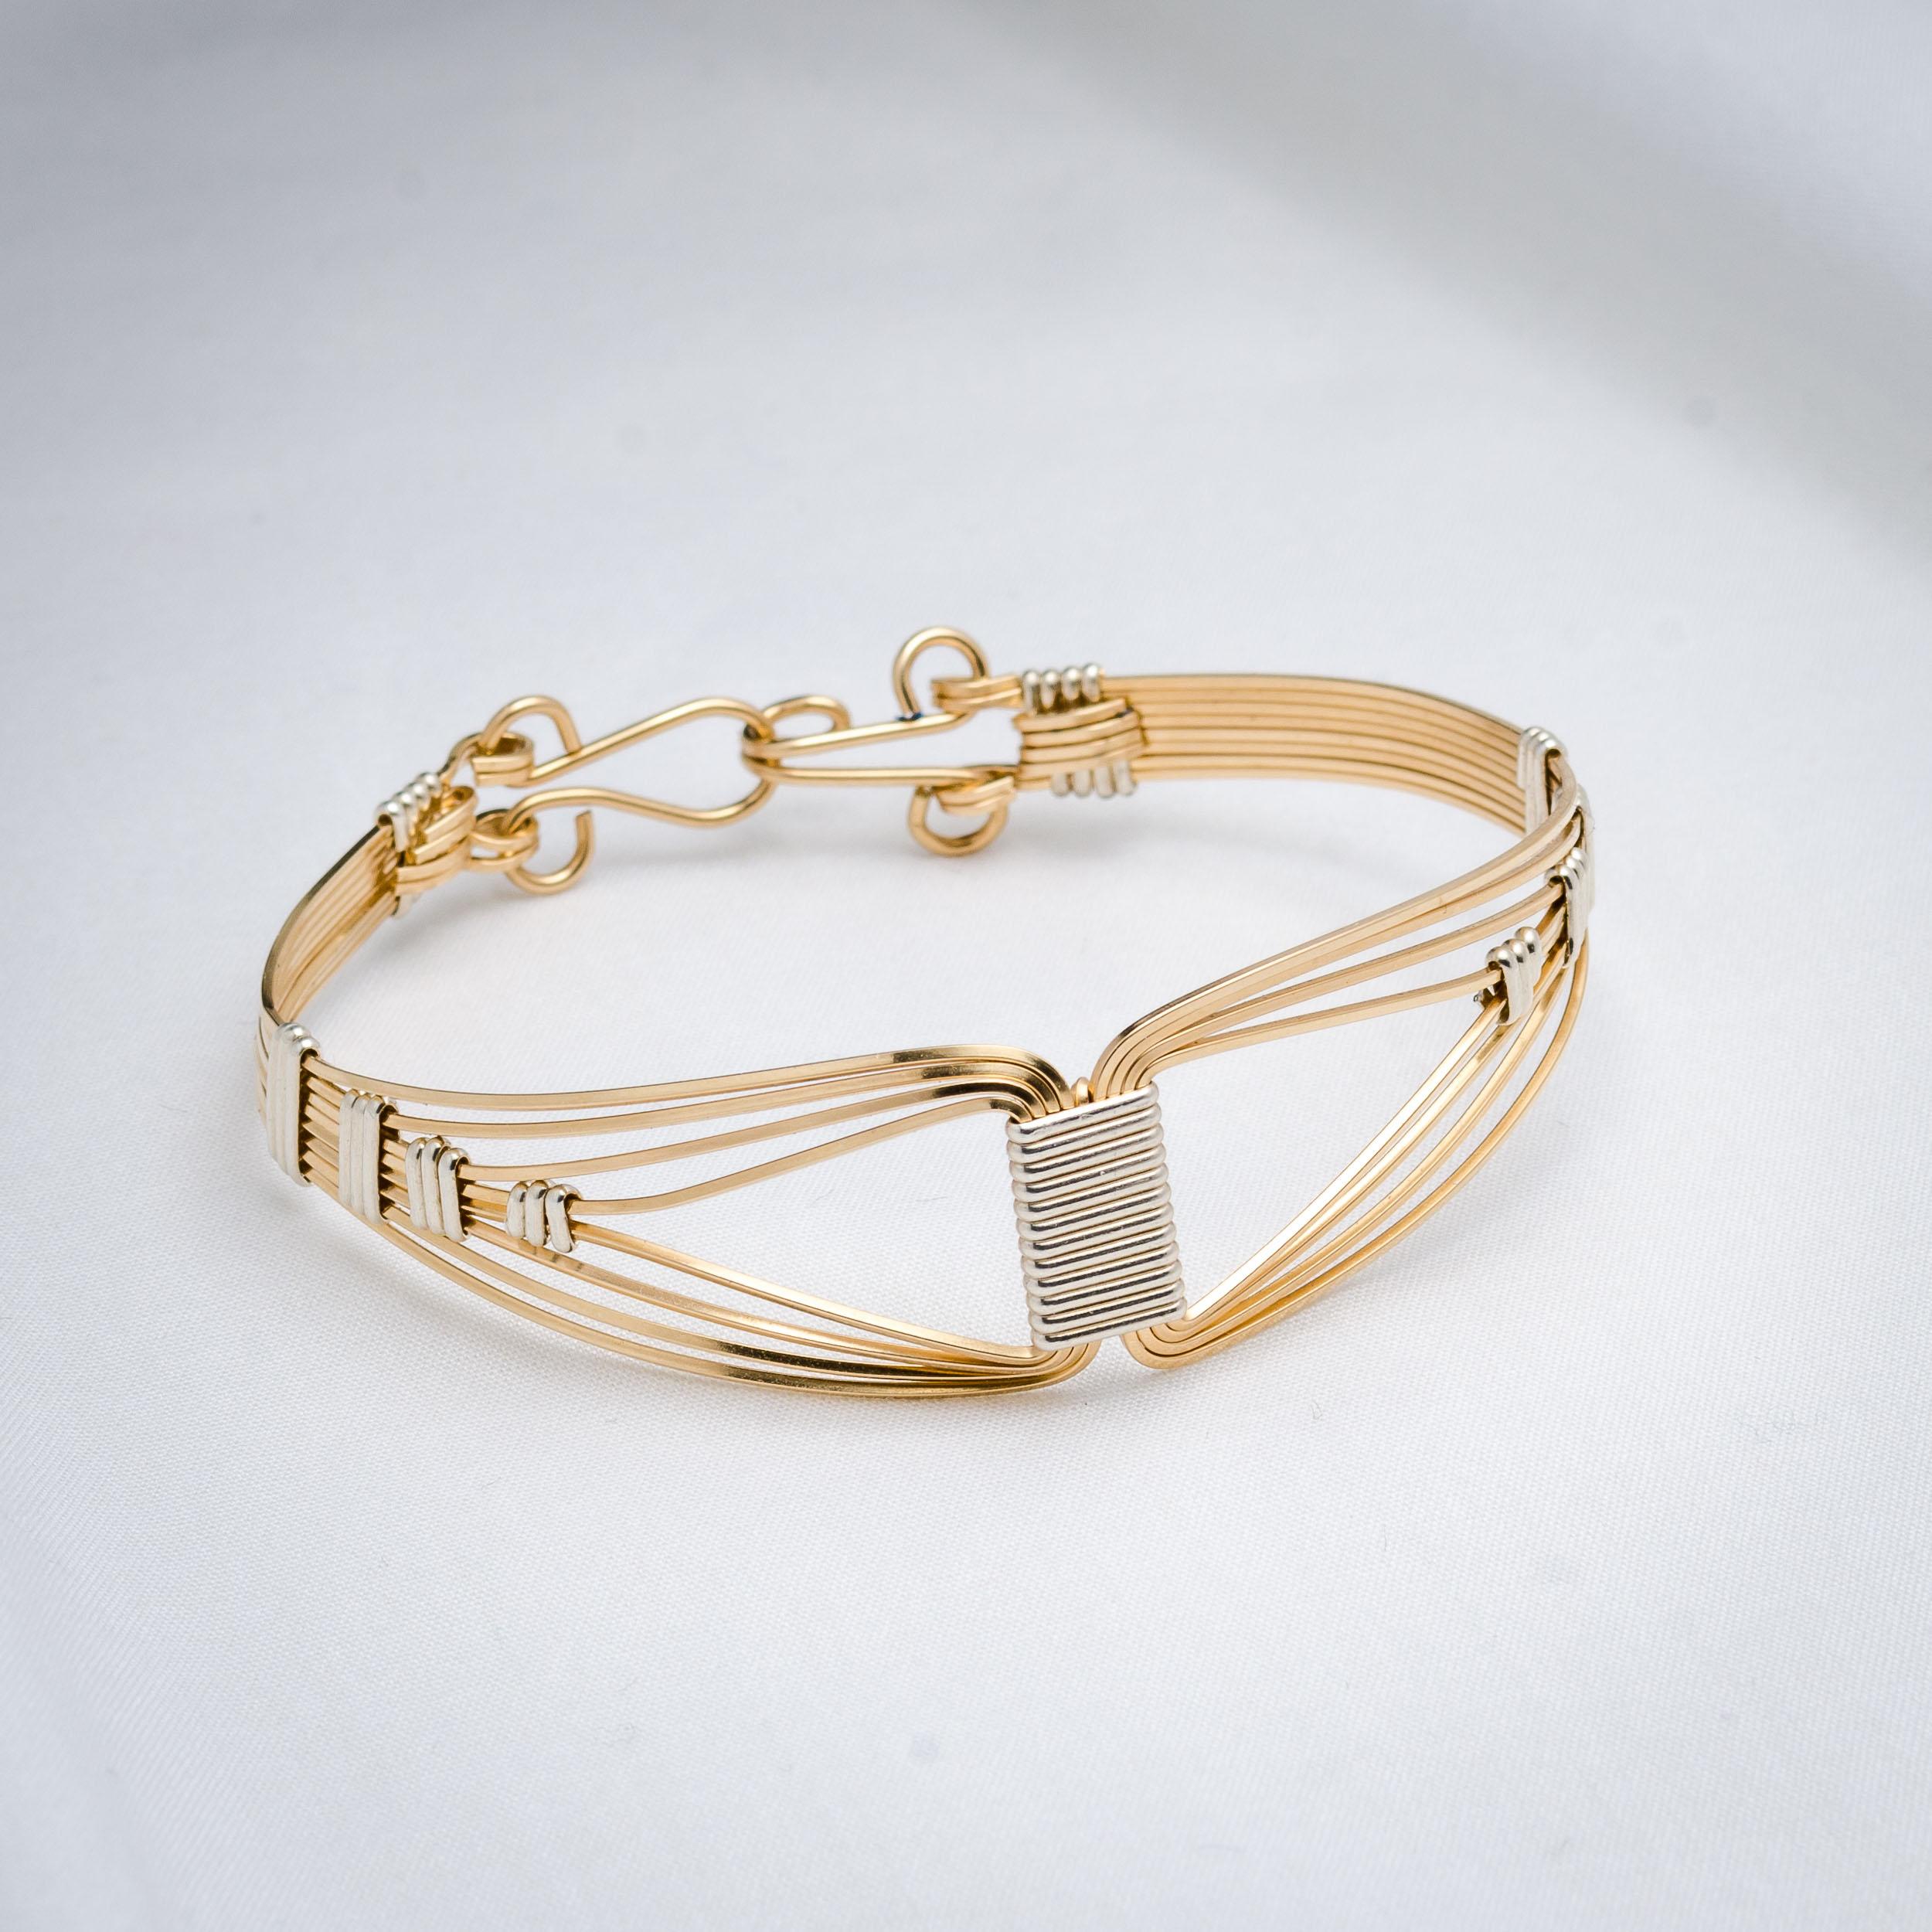 Bracelet_102.JPG